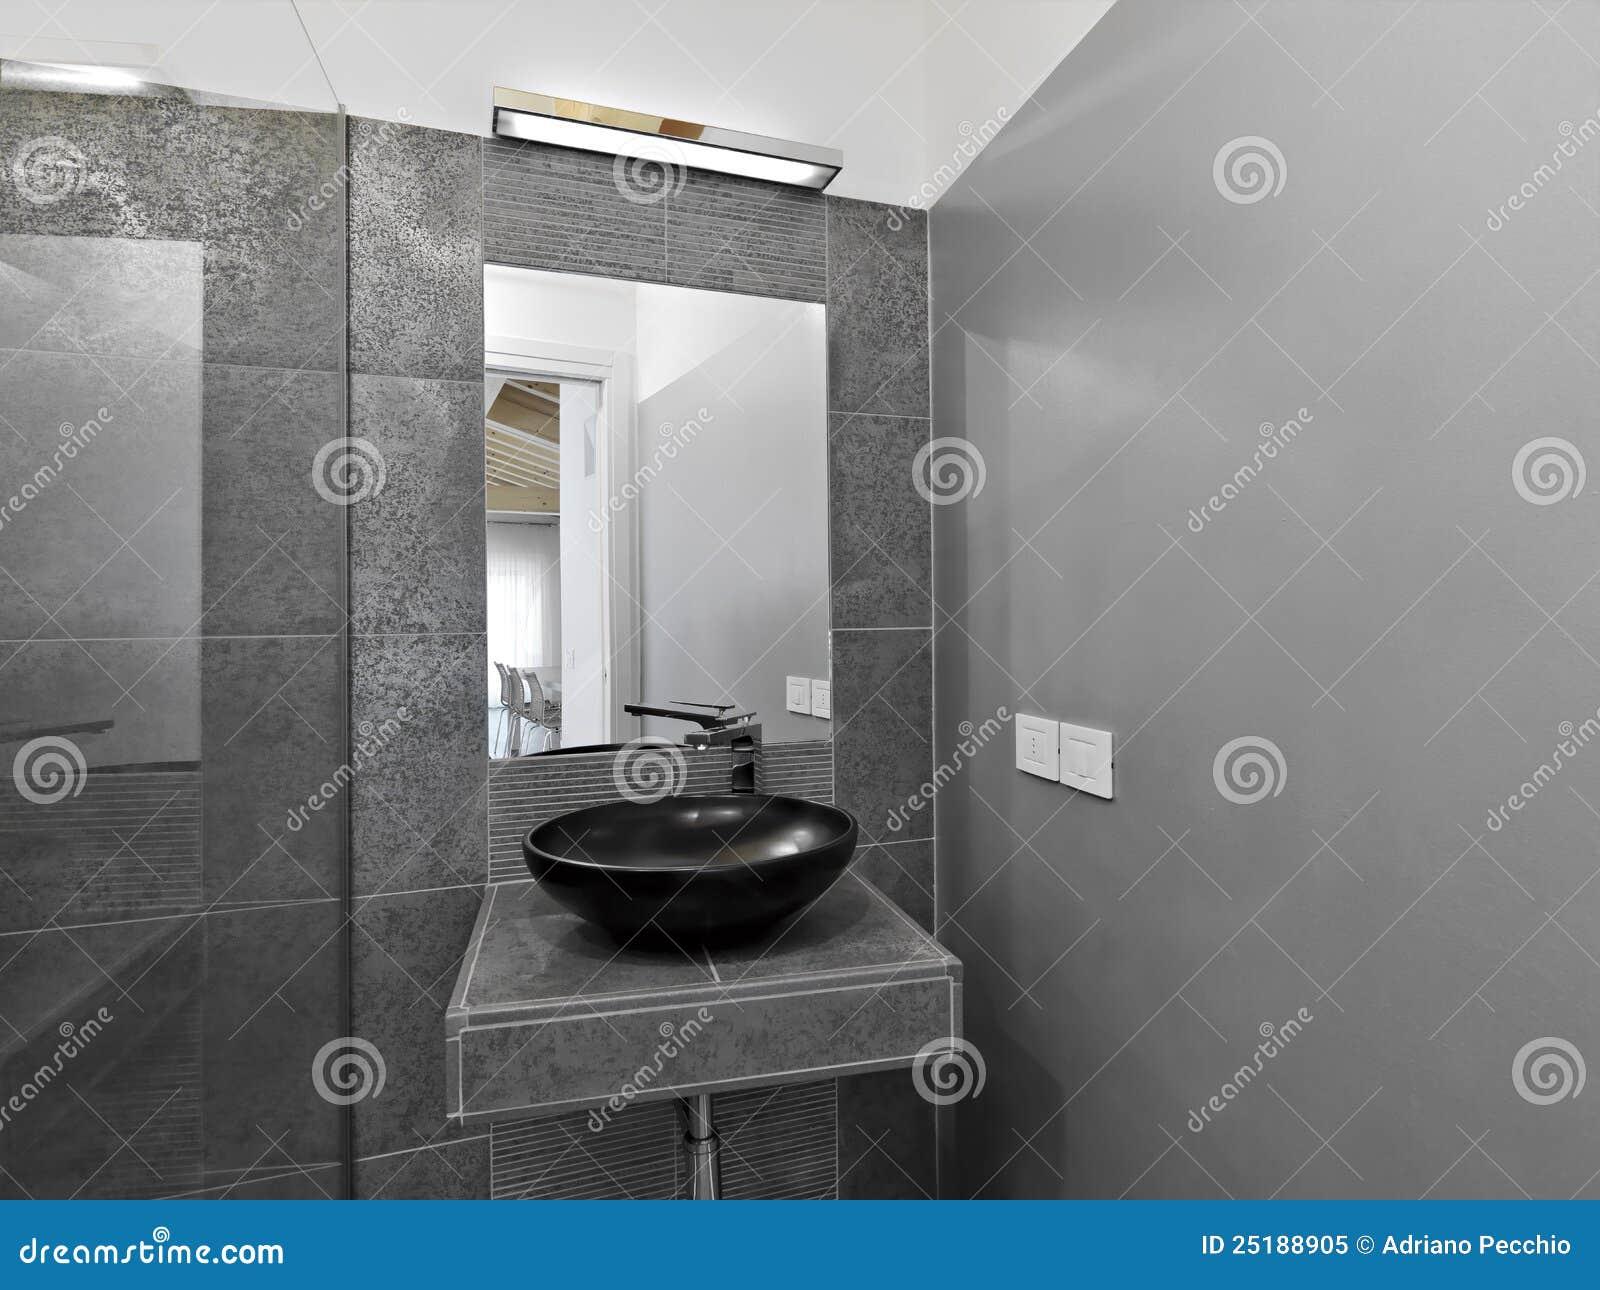 Particolare Del Lavandino In Una Stanza Da Bagno Moderna Fotografia Stock Libera da Diritti ...